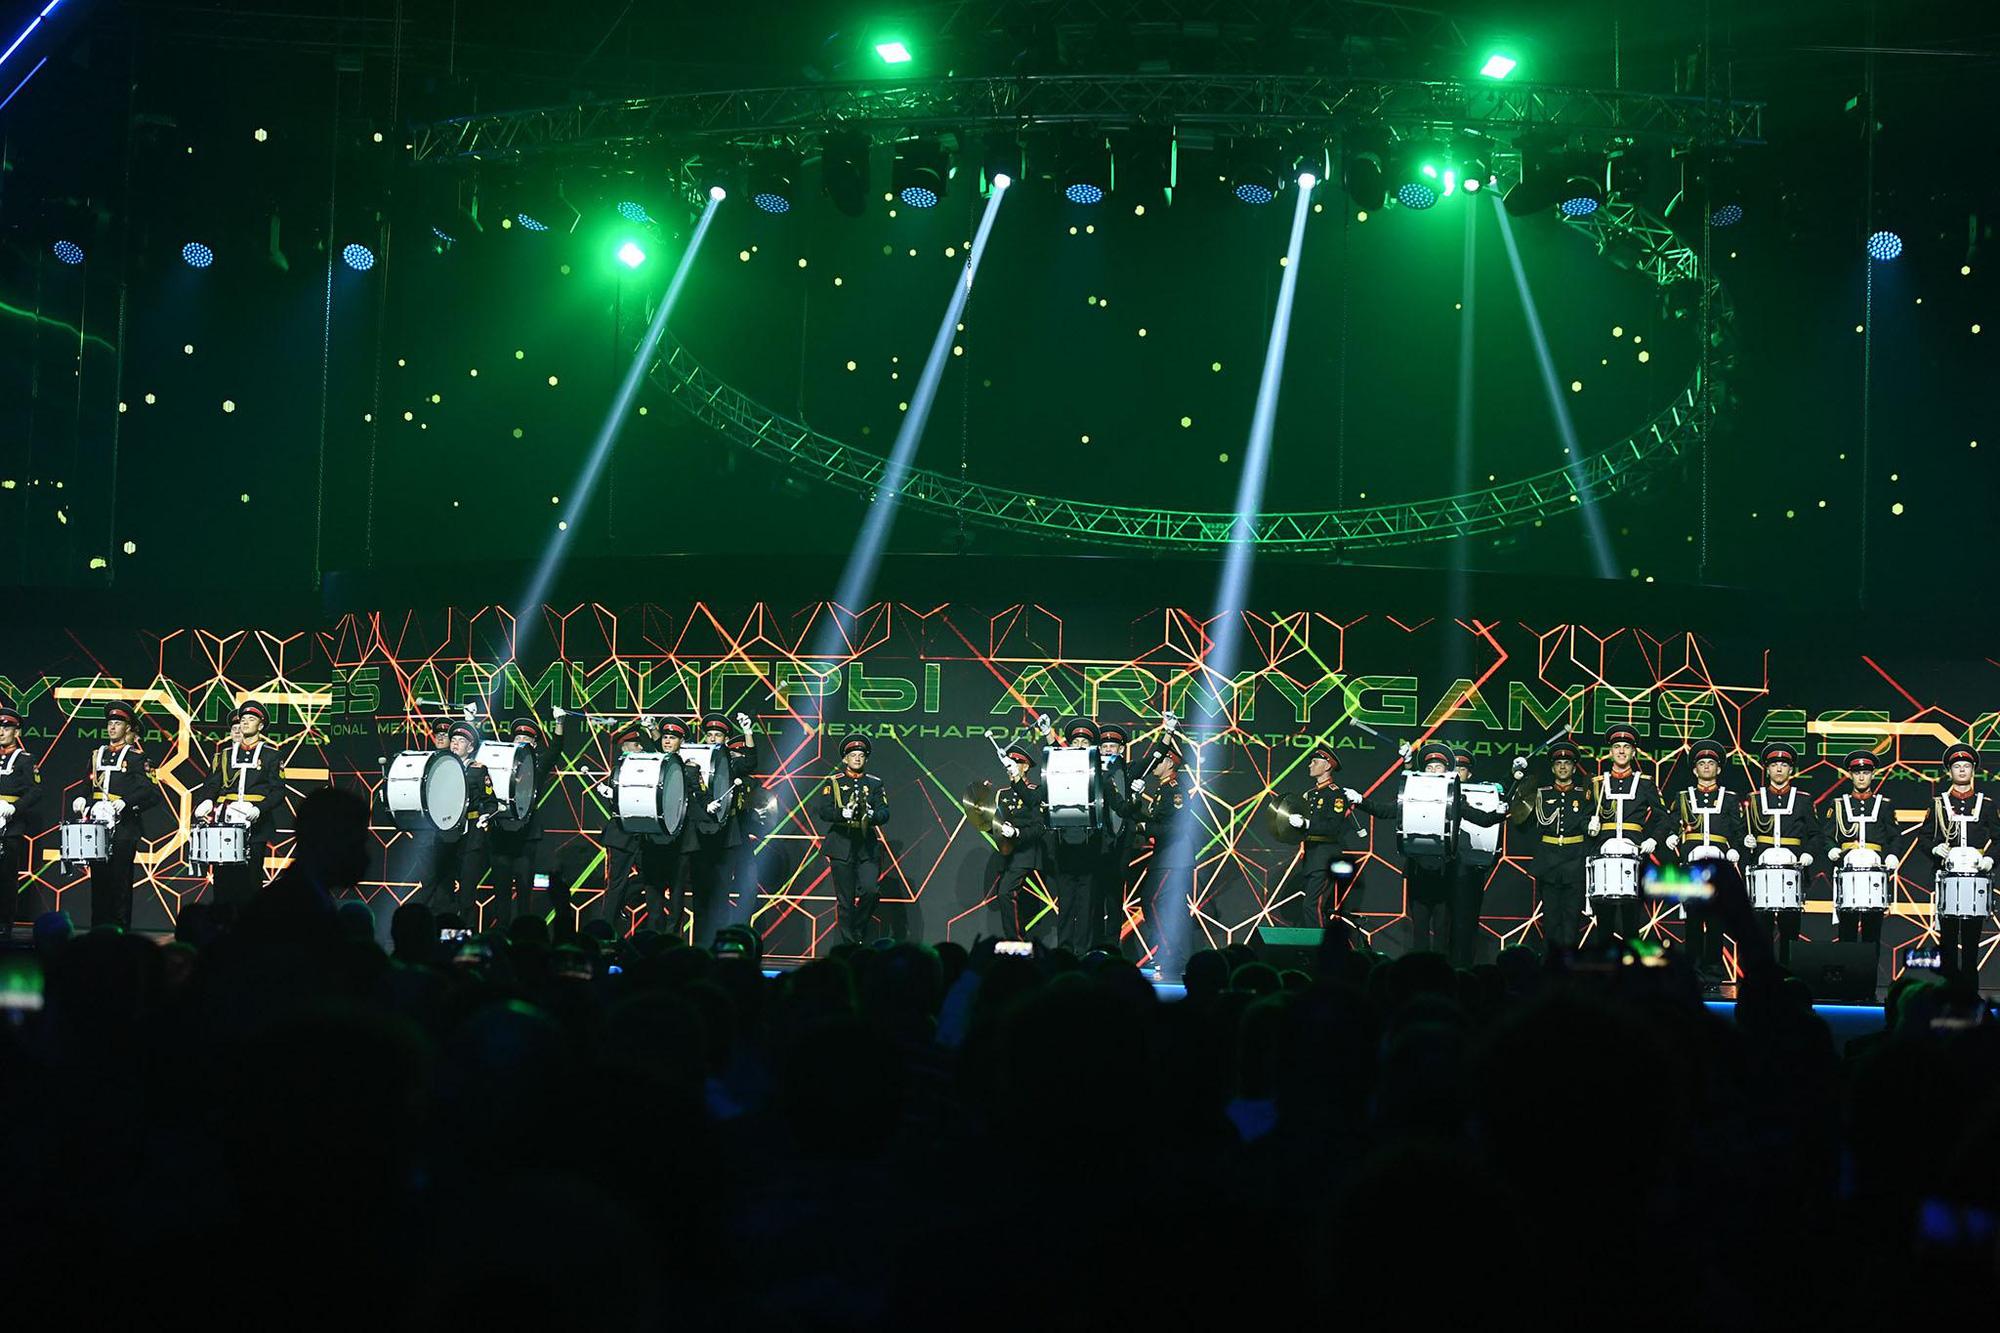 Những hình ảnh ấn tượng, pháo hoa rực rỡ tại lễ bế mạc Army Games 2020 - Ảnh 8.